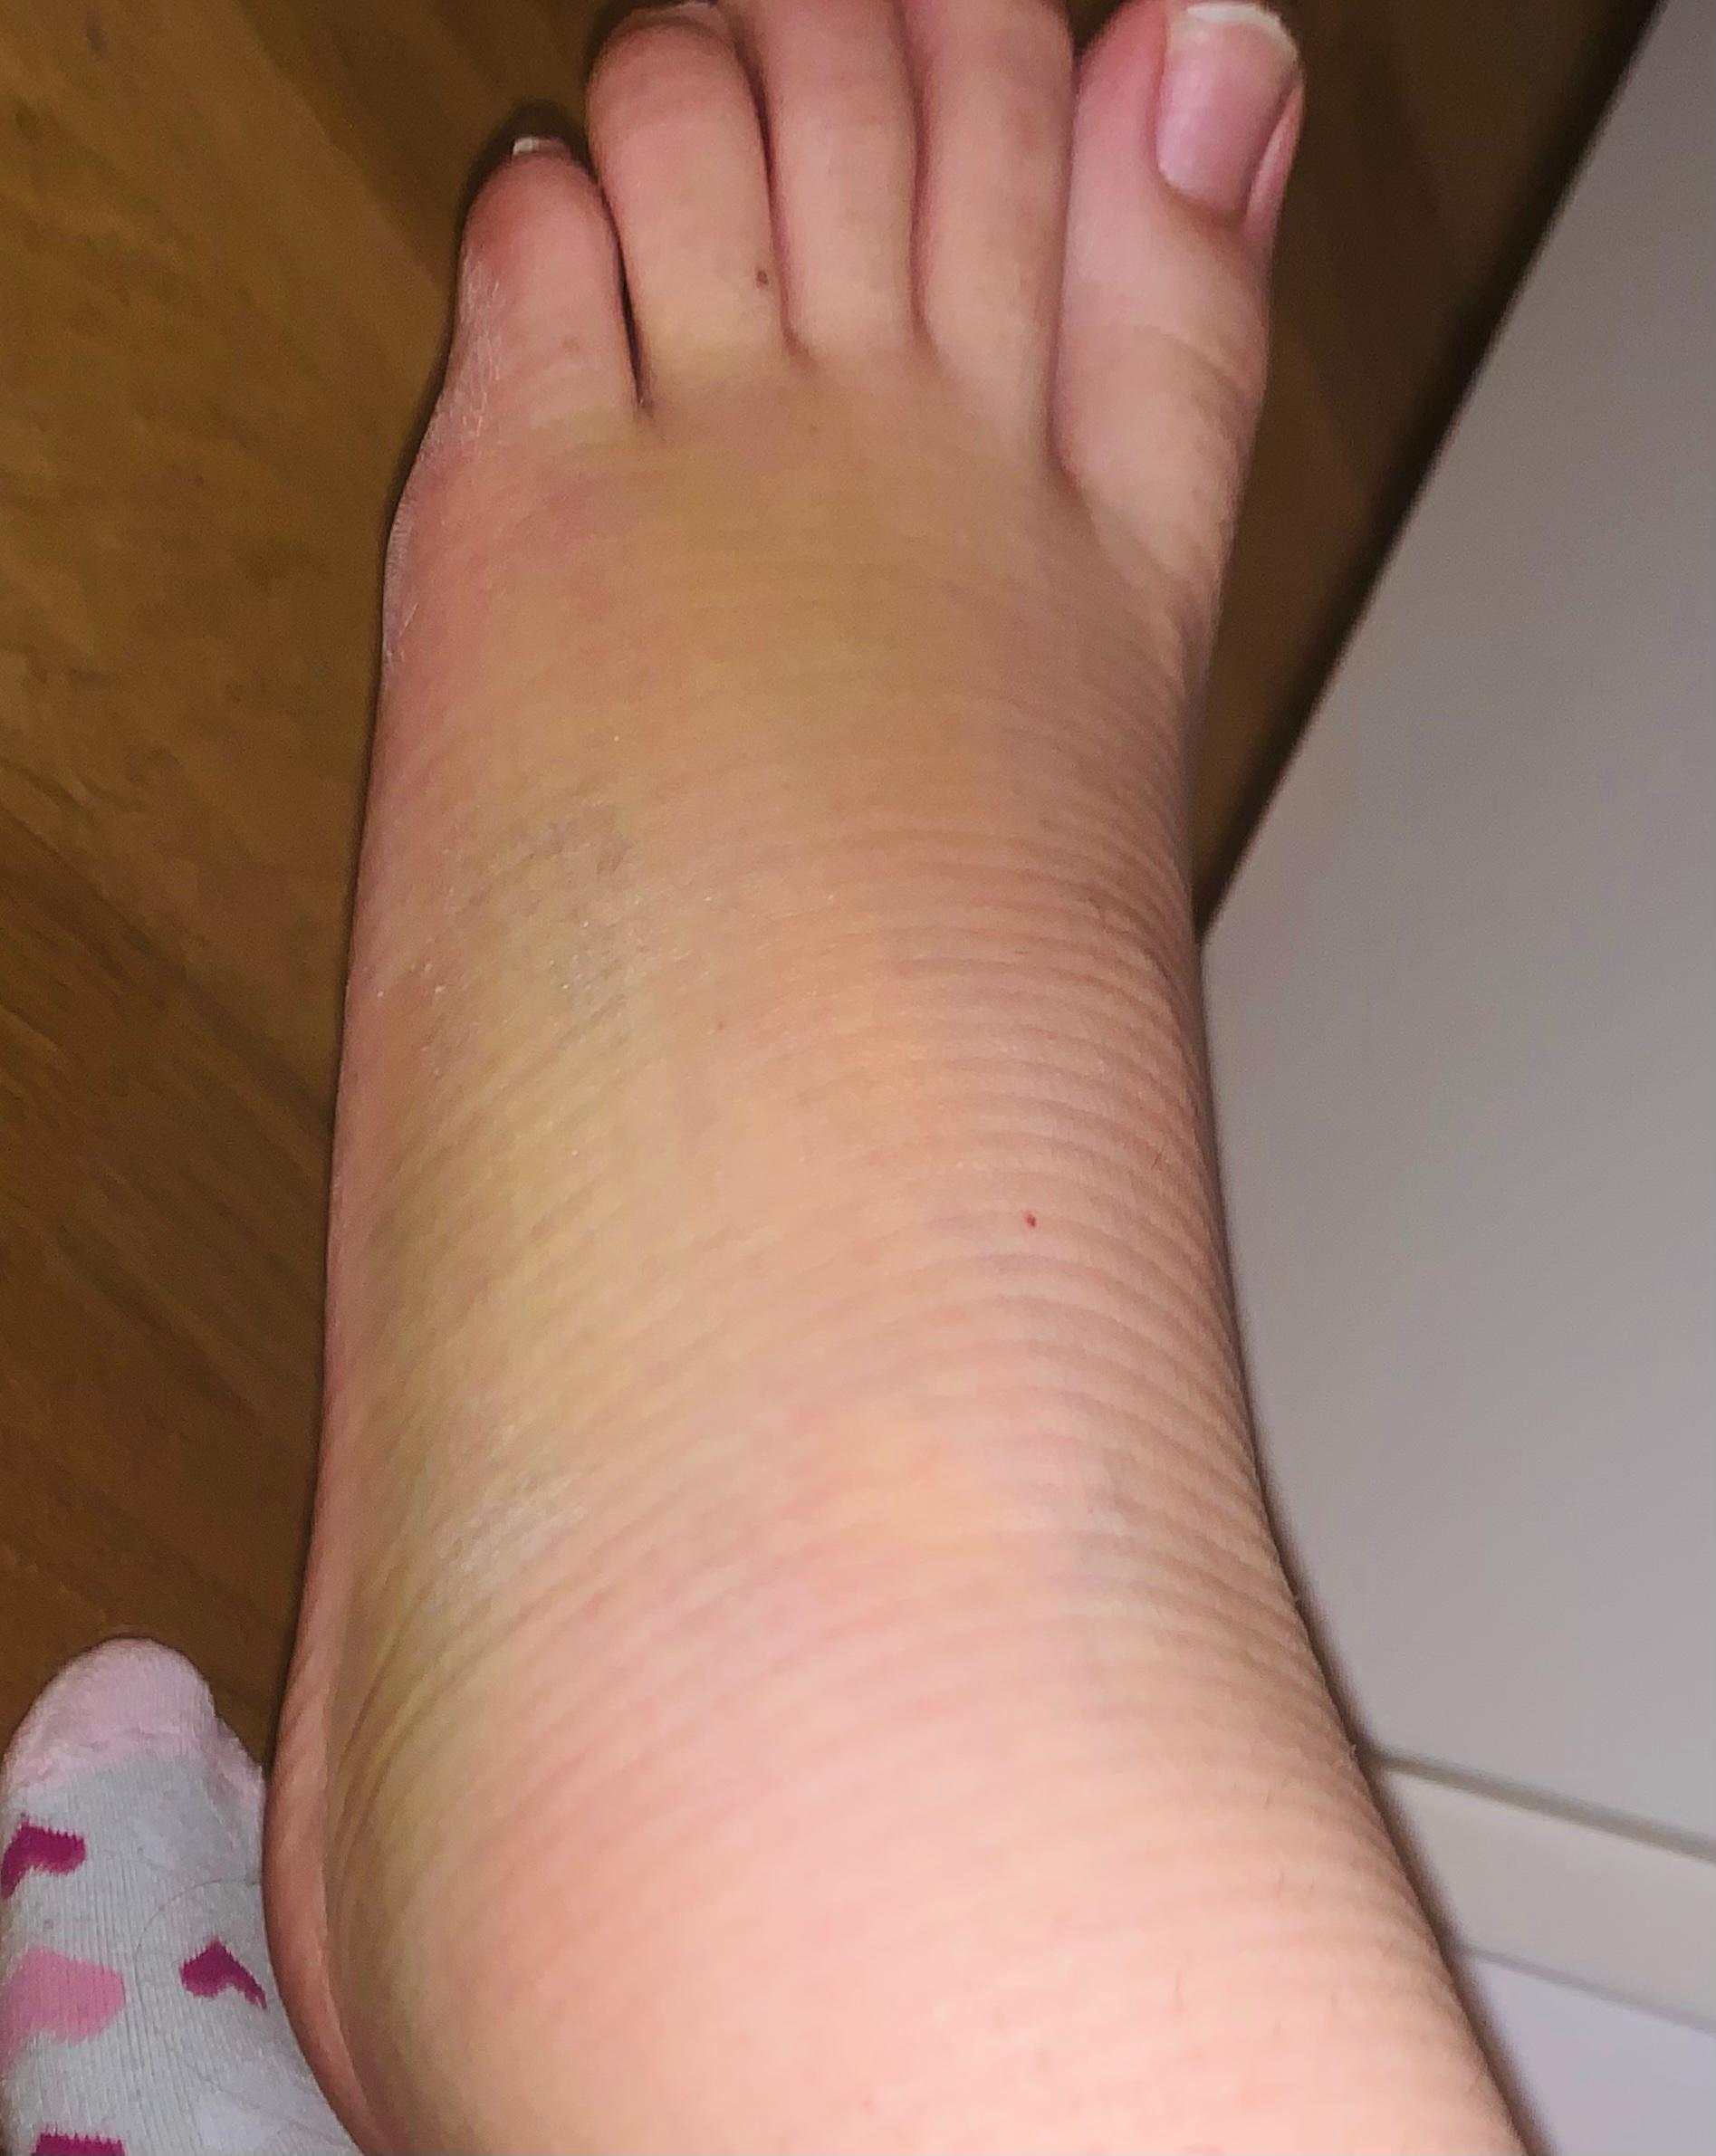 Bänderriss Fuß Wie Lange Krank